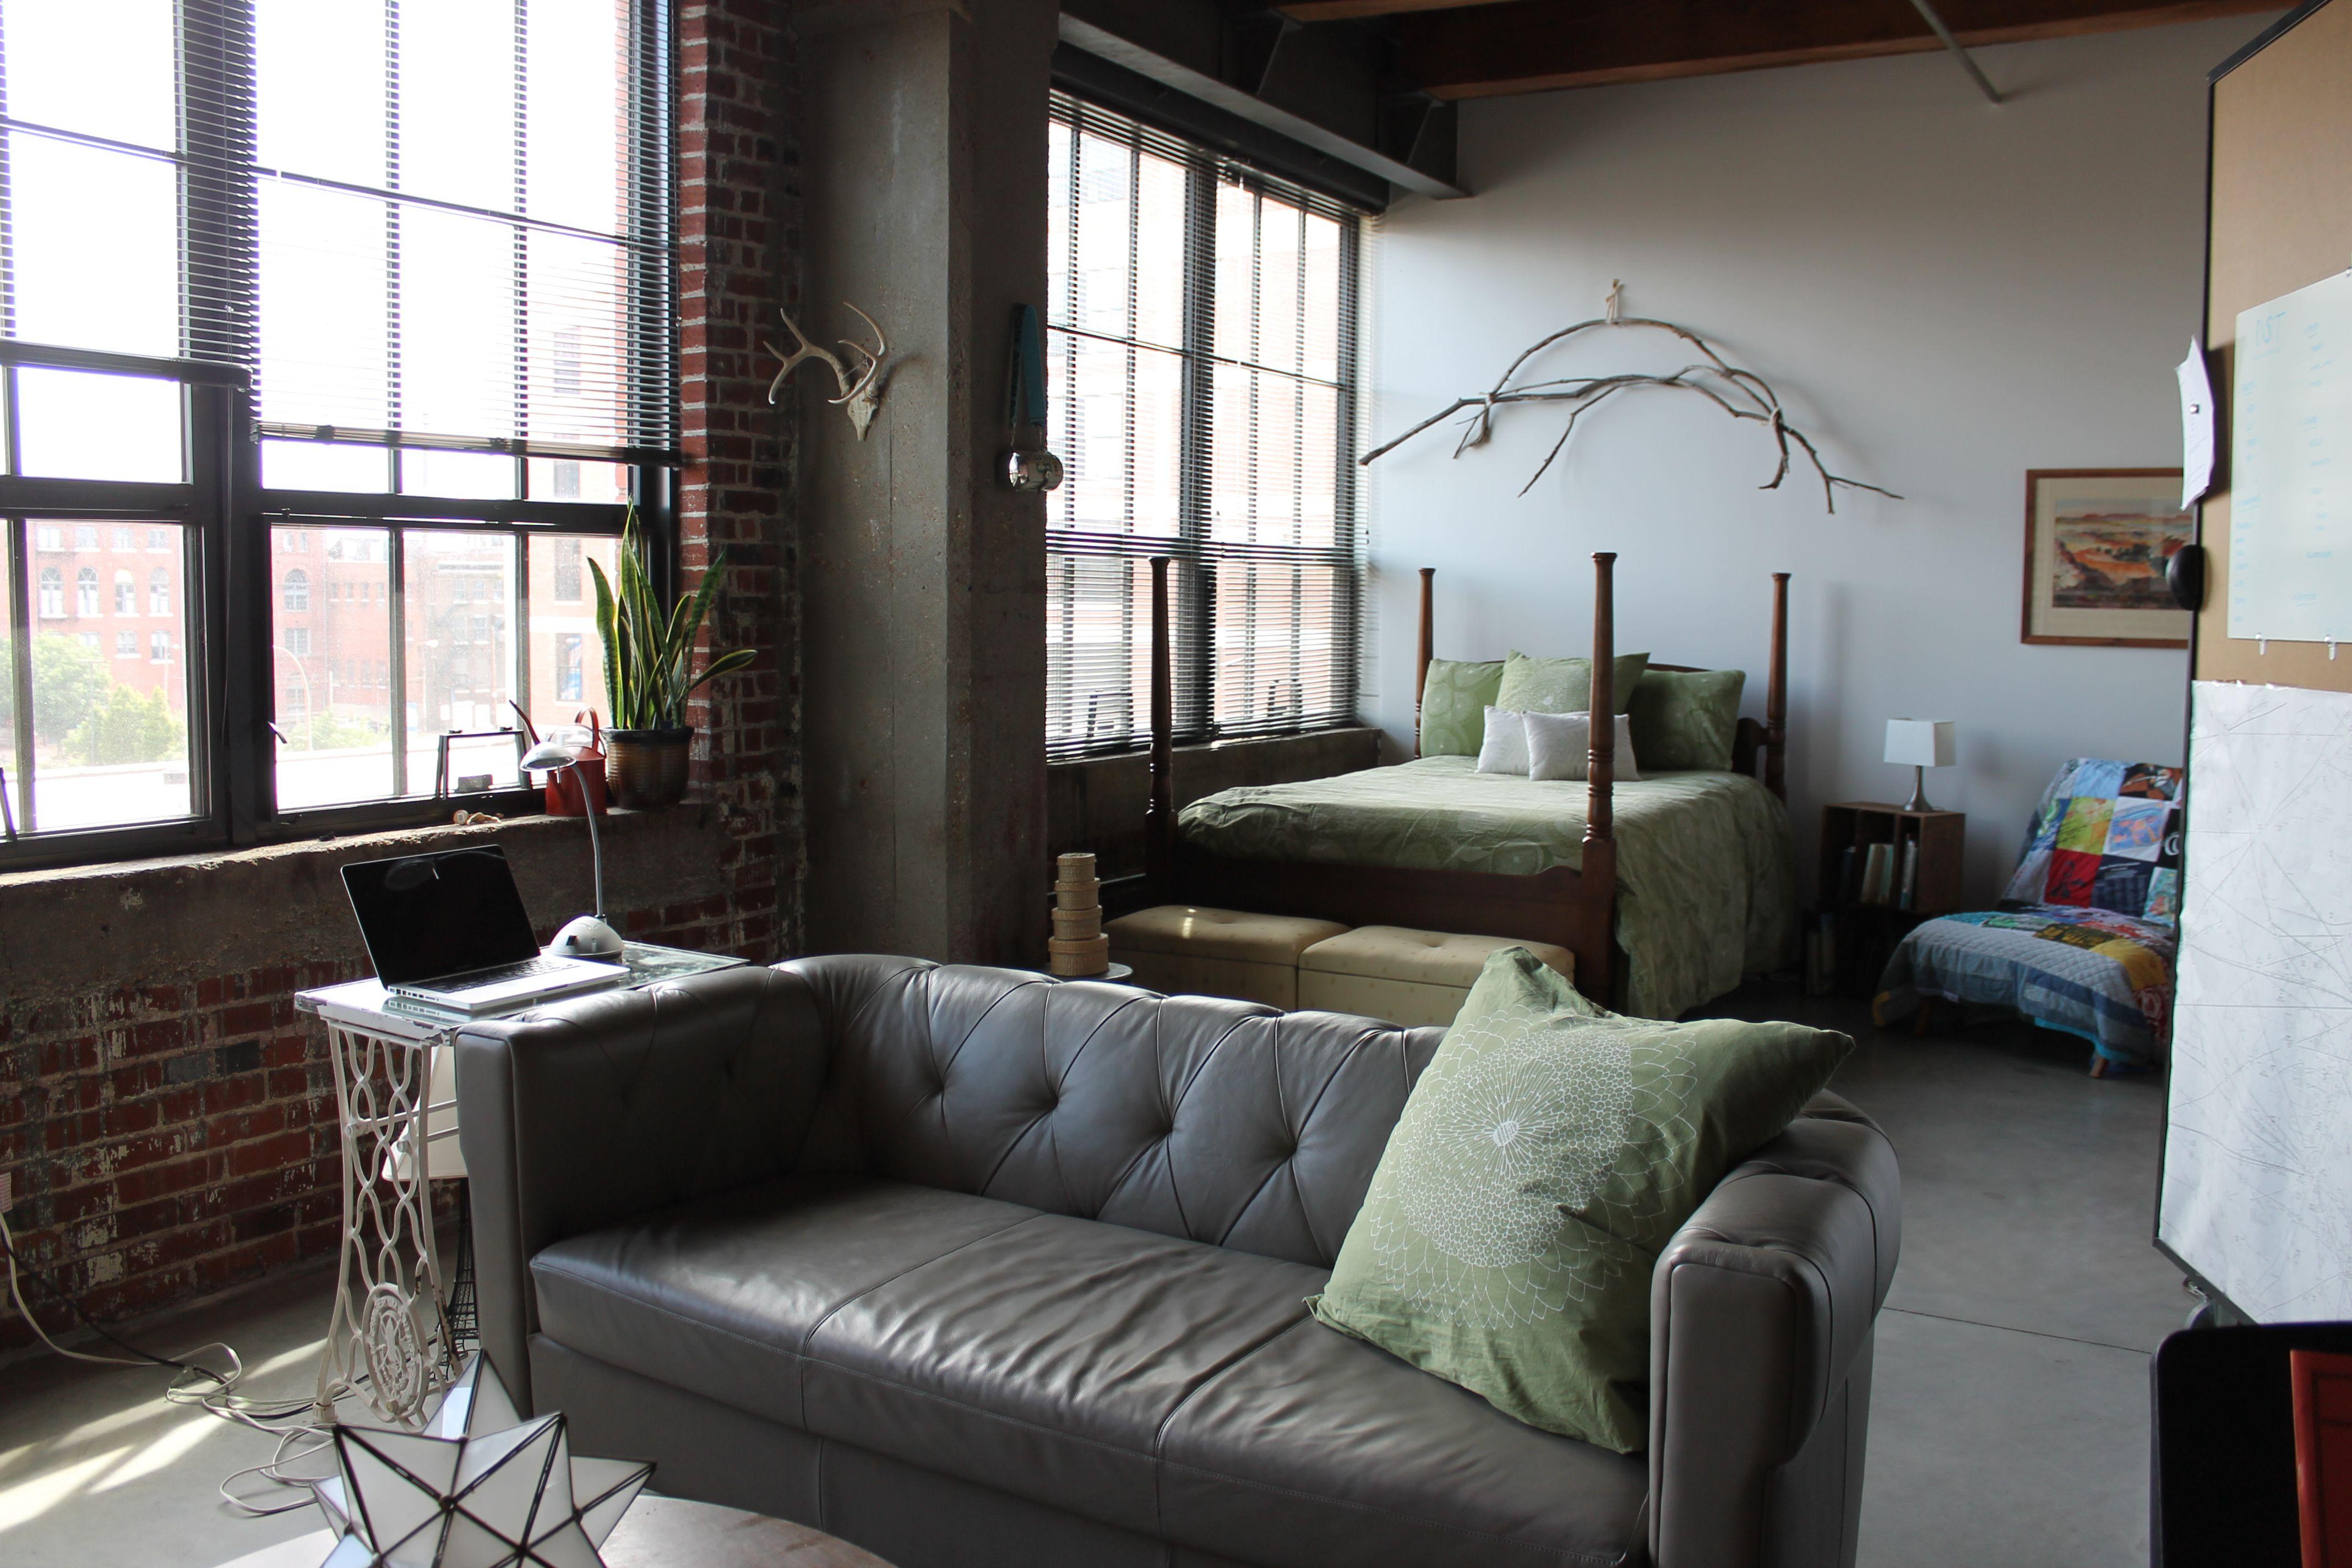 Anau0027s Reclaimed Style Loft In St. Louis